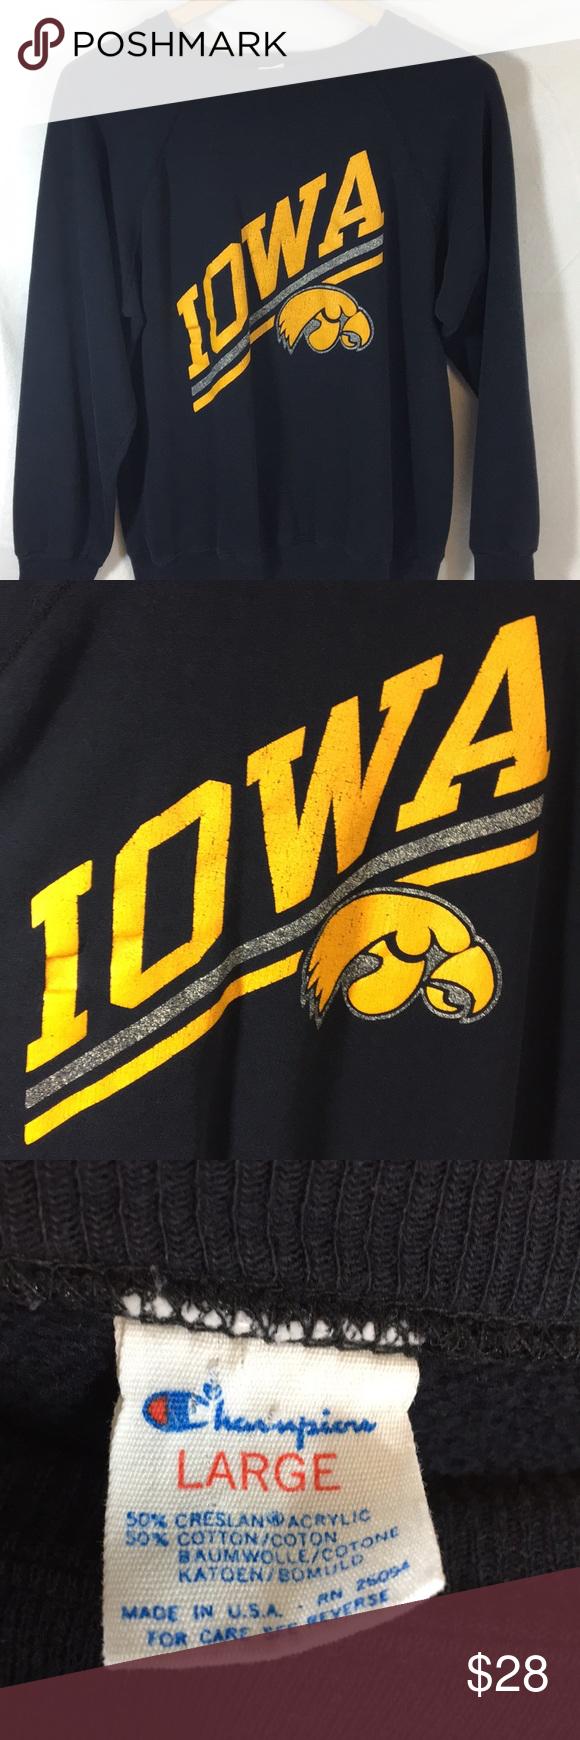 Vintage Champion Iowa Sweatshirt Sweatshirts Vintage Champion Sweatshirt Shirt [ 1740 x 580 Pixel ]